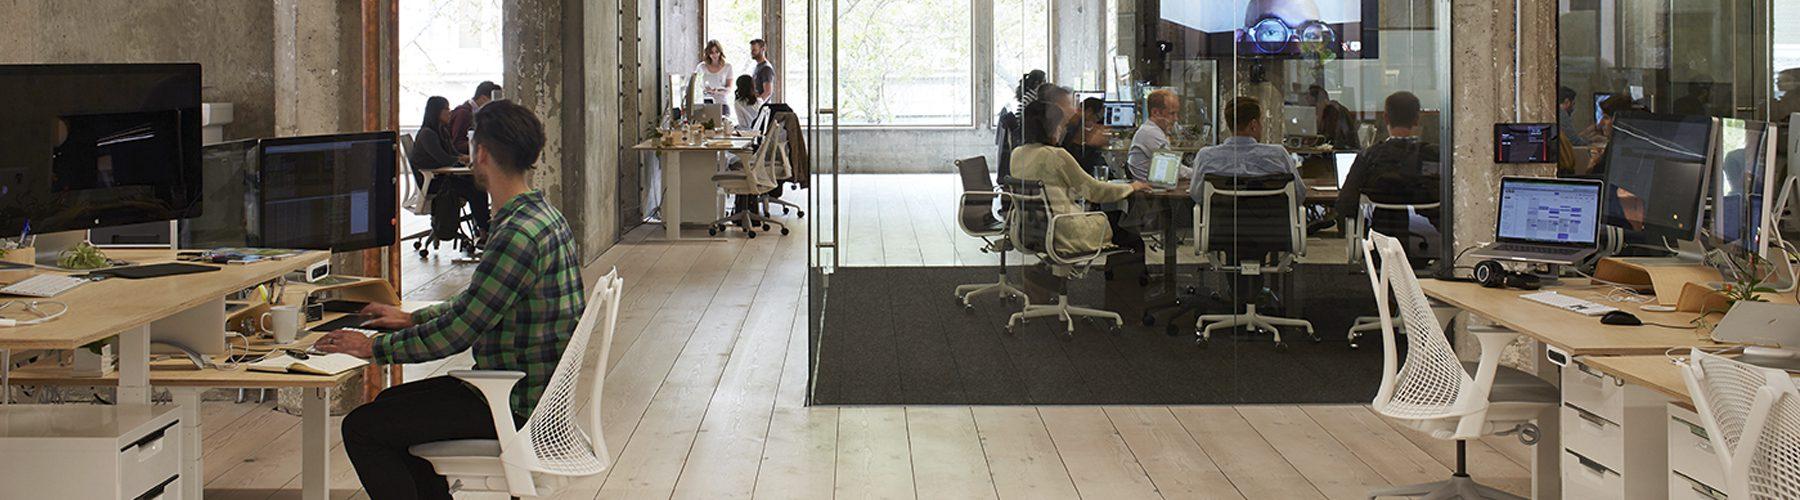 Decoración oficina VSCO espacio abierto | Muebles de oficina Spacio